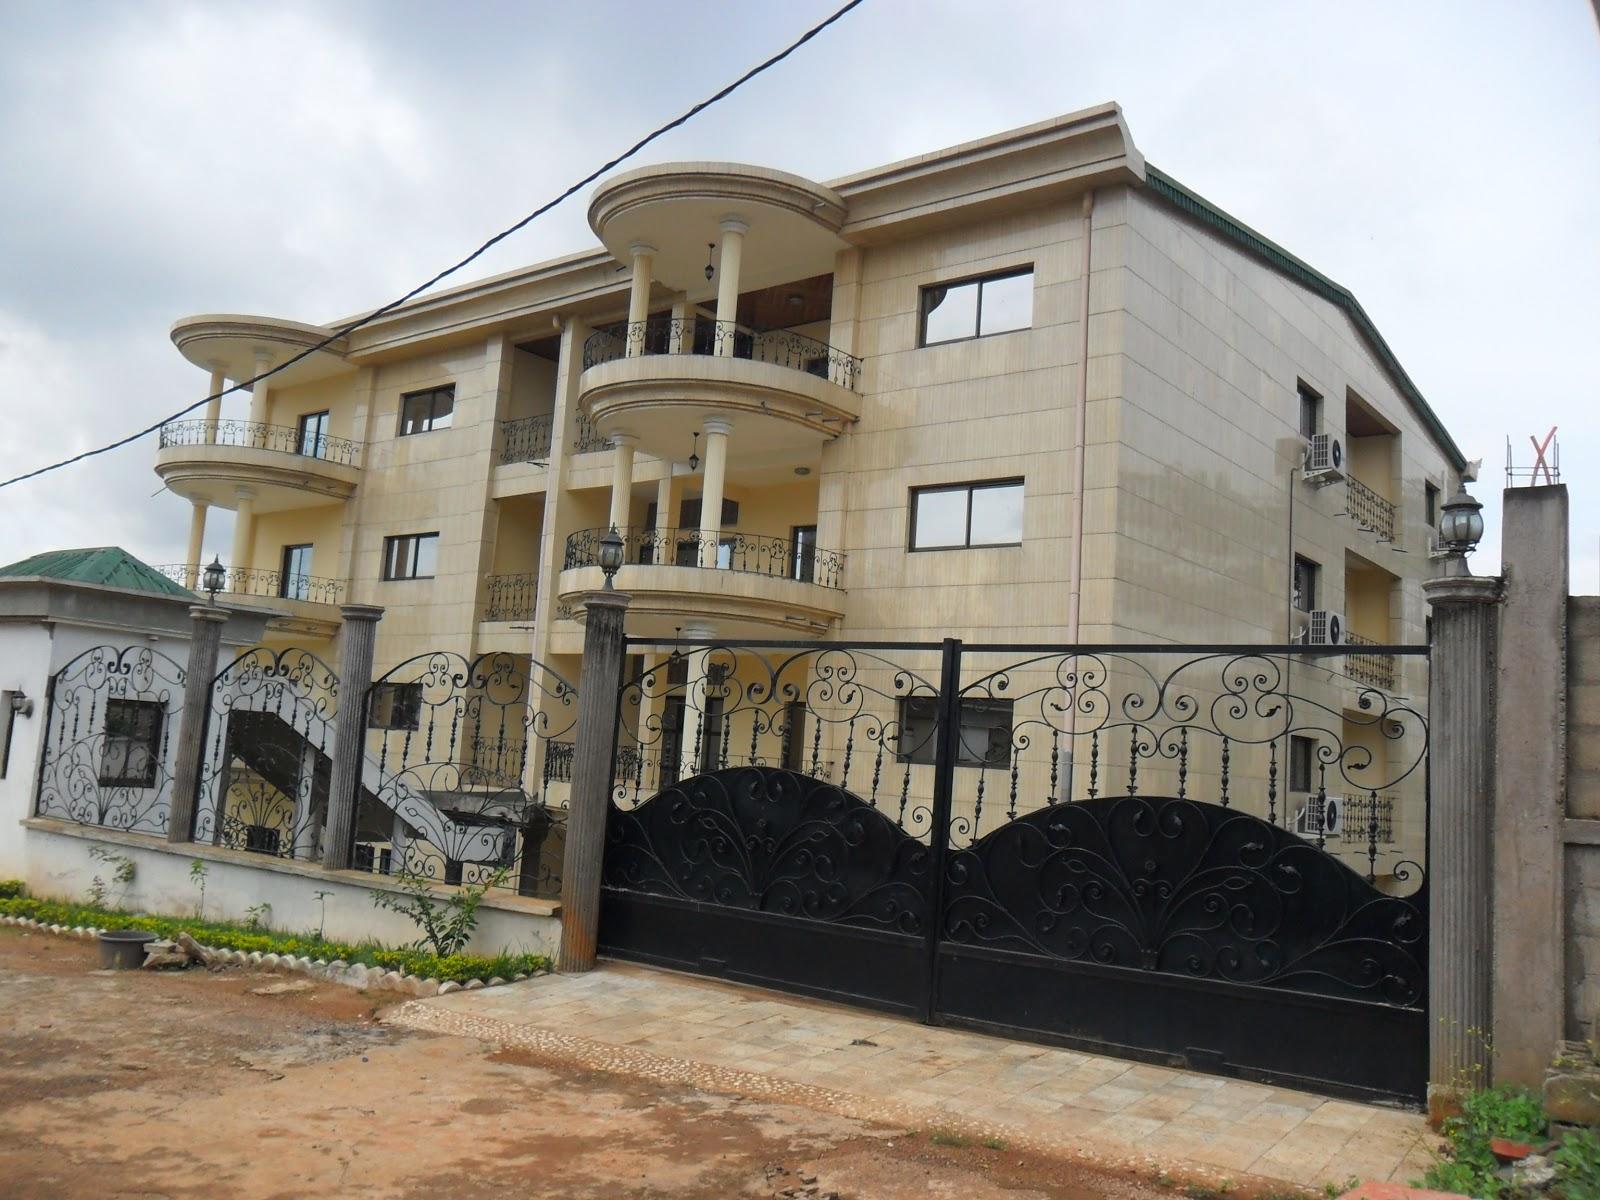 Les plus belles maisons du cameroun 9 location appart quartier golf